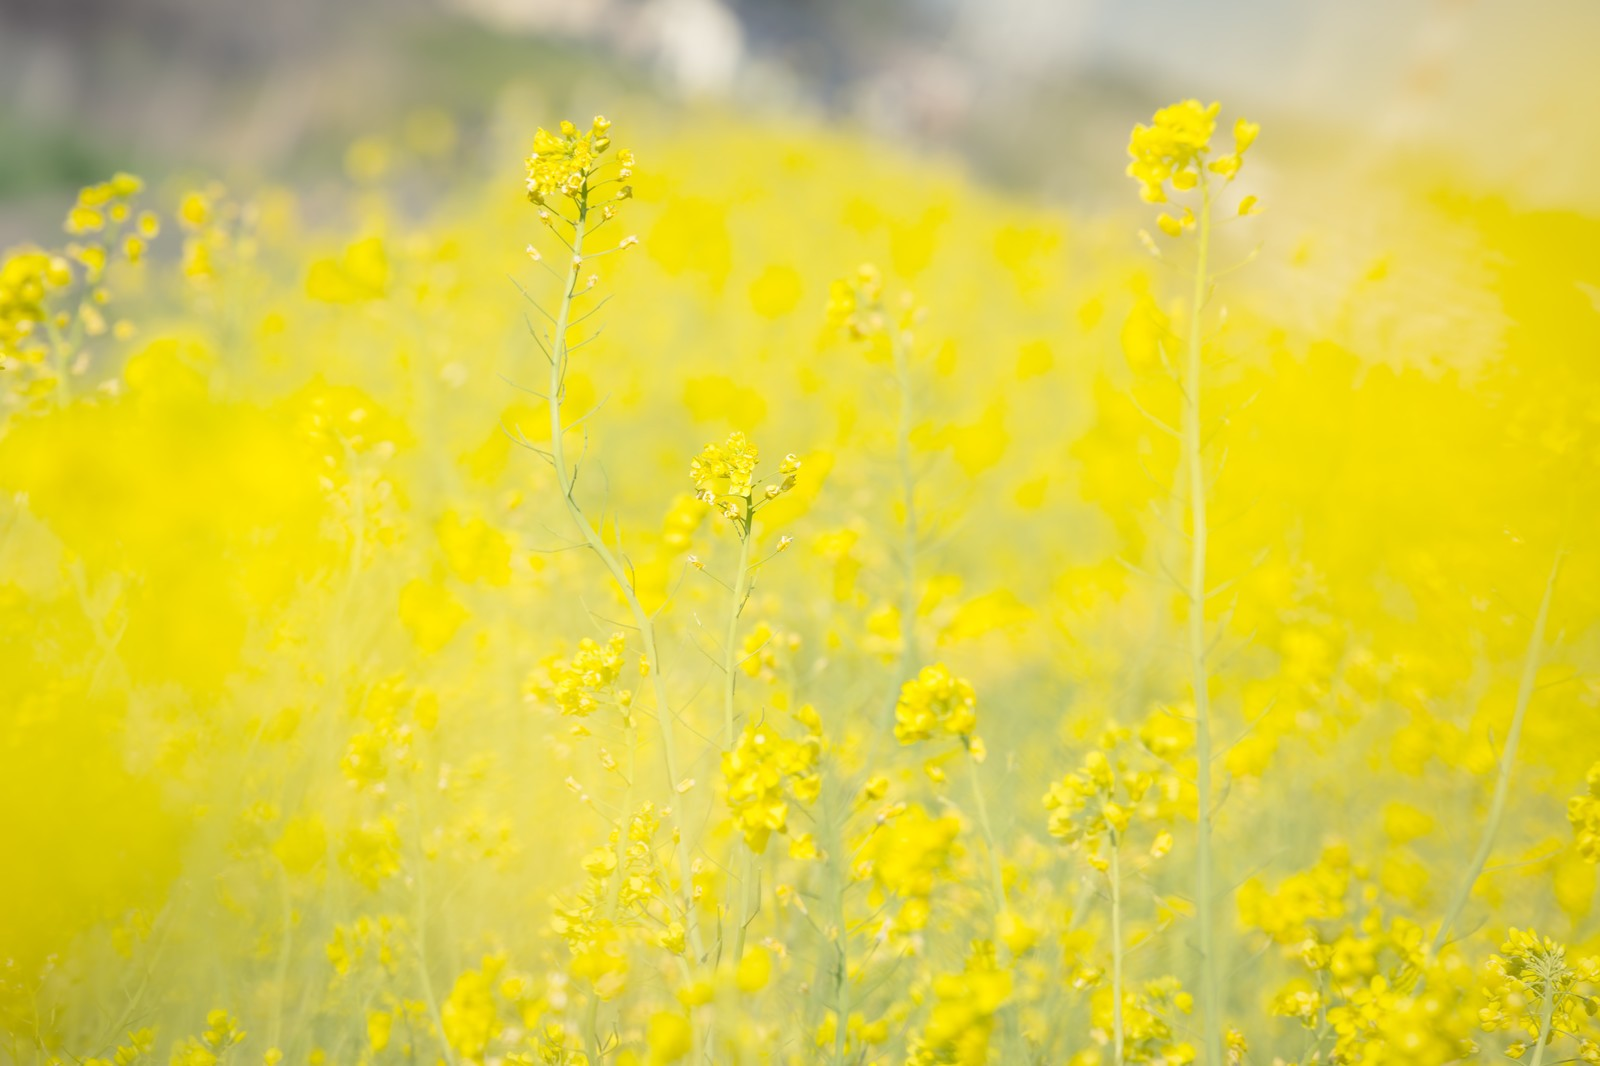 「黄色いテクスチャー(菜の花)」の写真